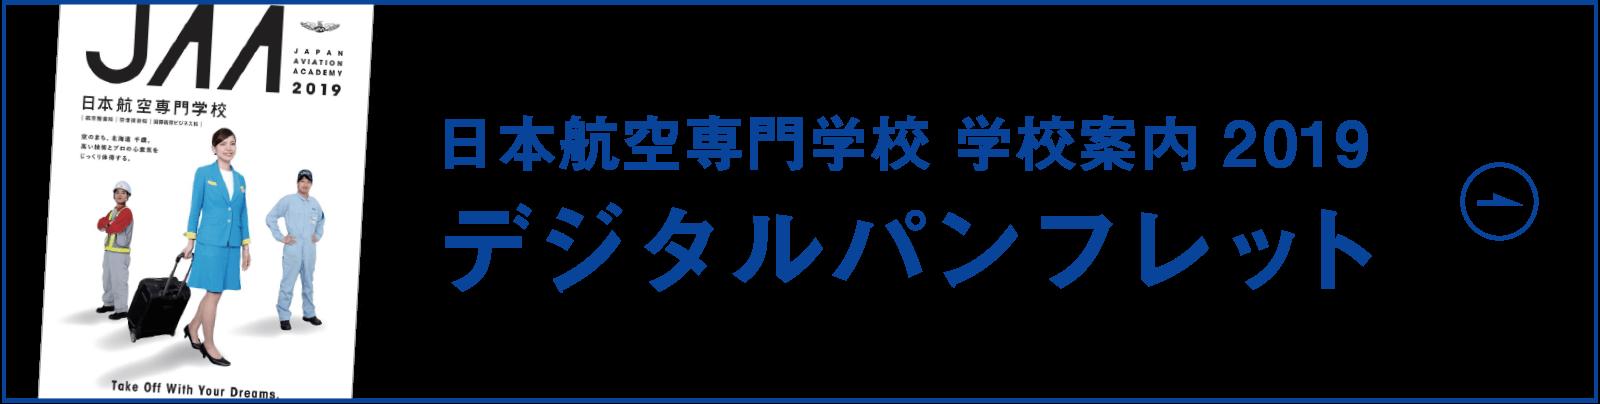 学校案内2019 デジタルパンフレット